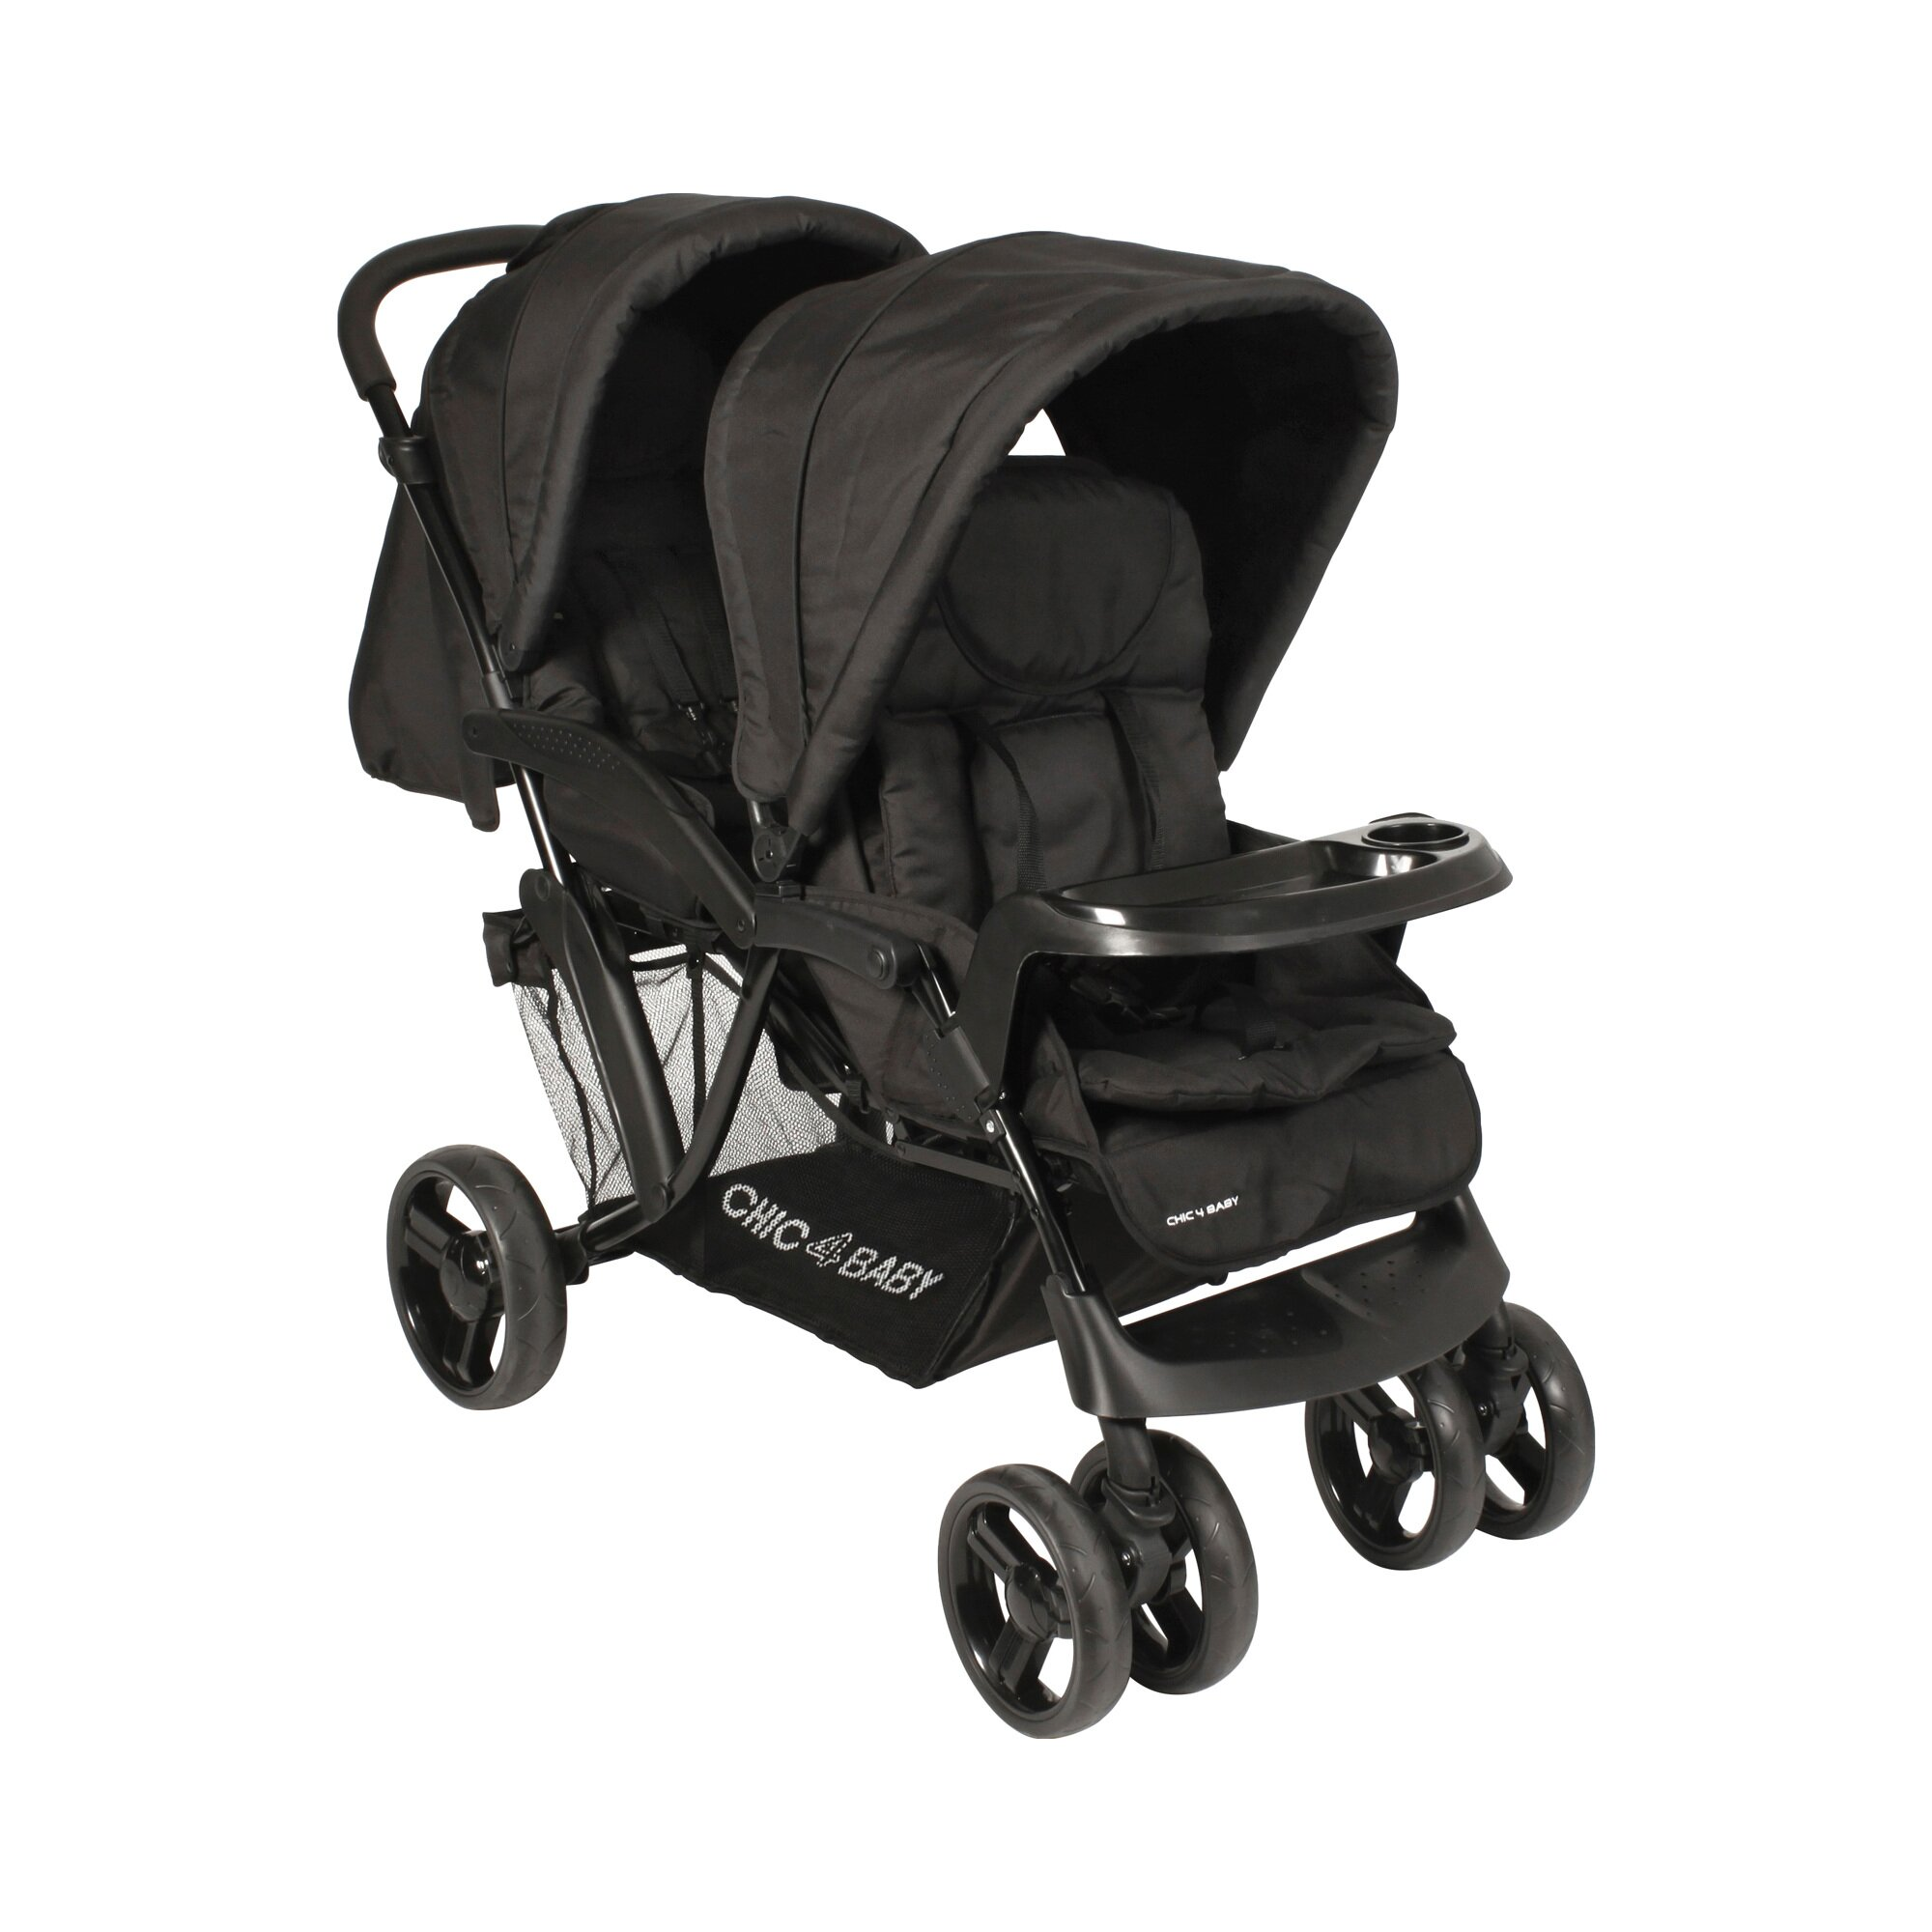 chic-4-baby-doppio-kinderwagen-geschwisterwagen-schwarz